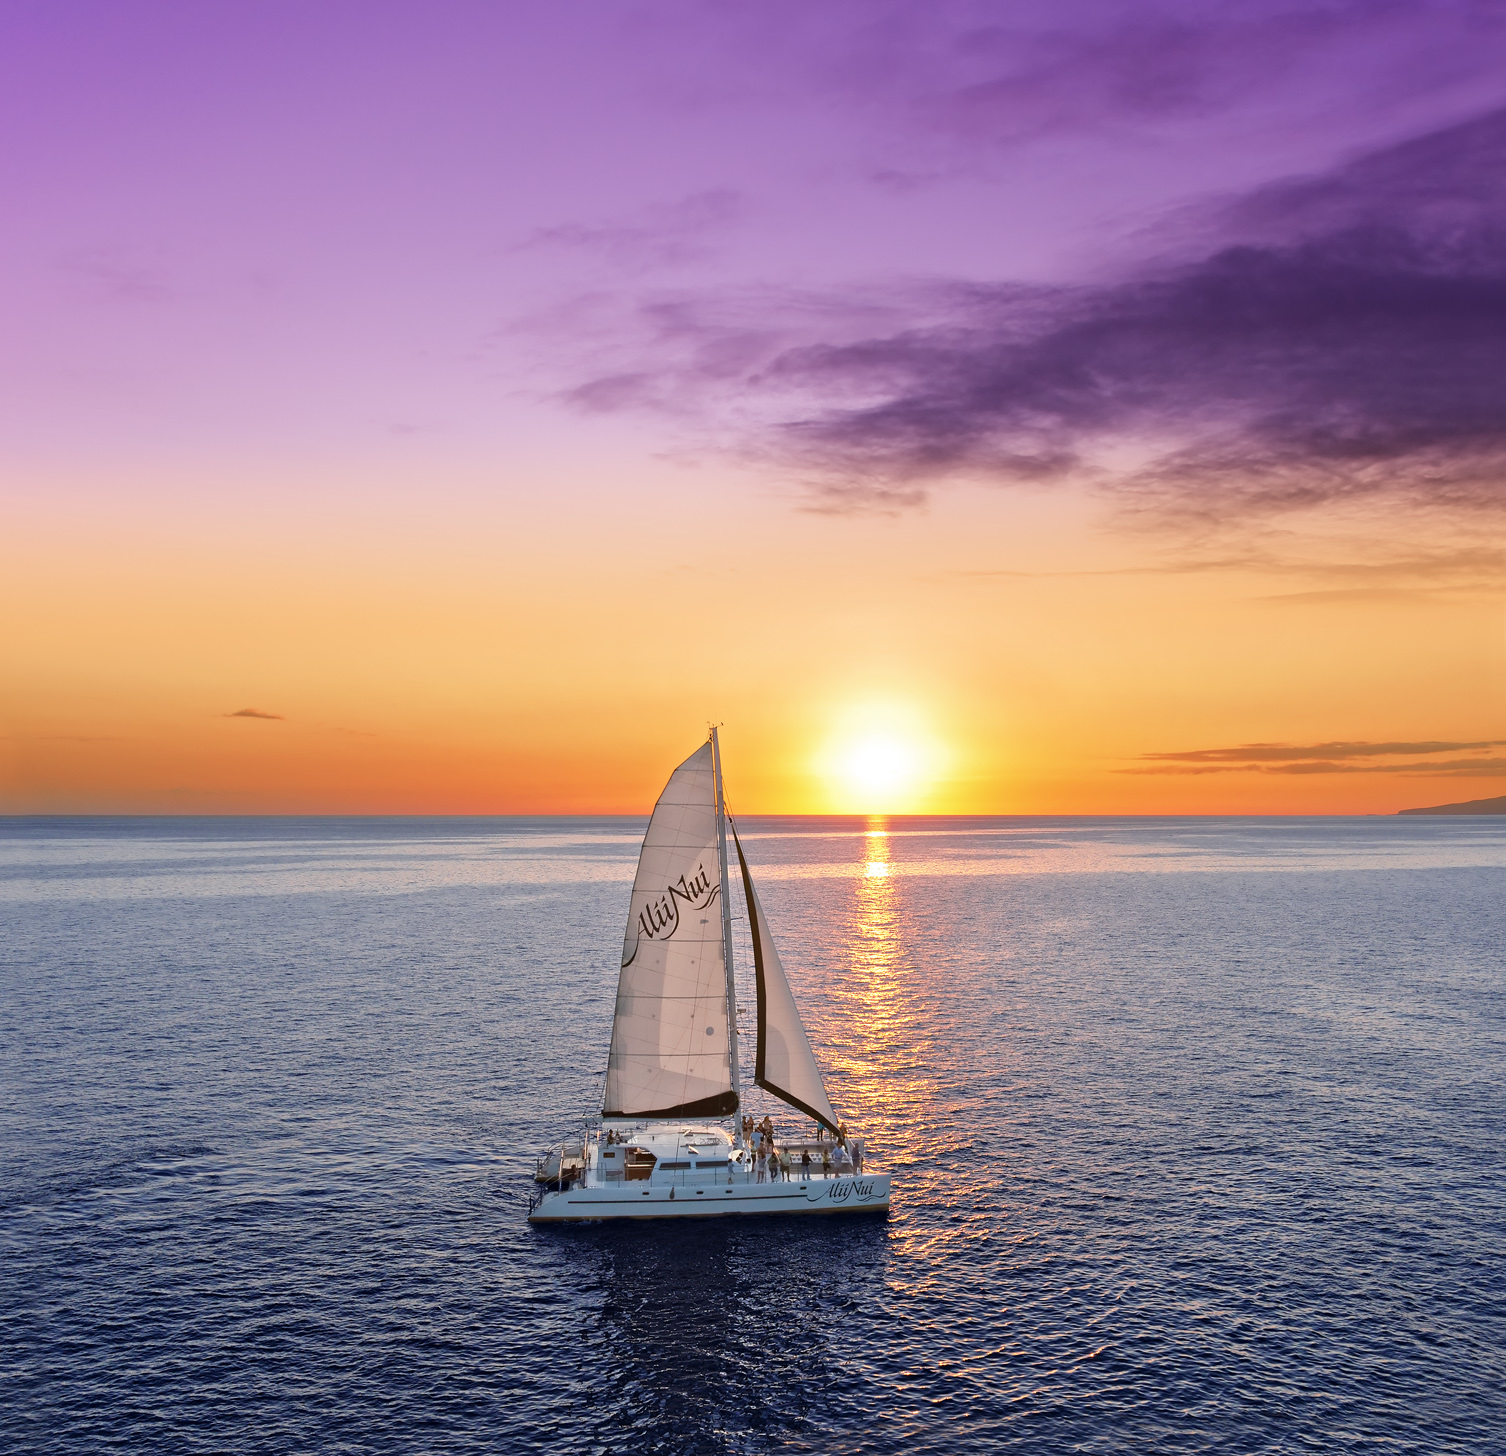 First Class Luxury Catamaran Sunset Sail